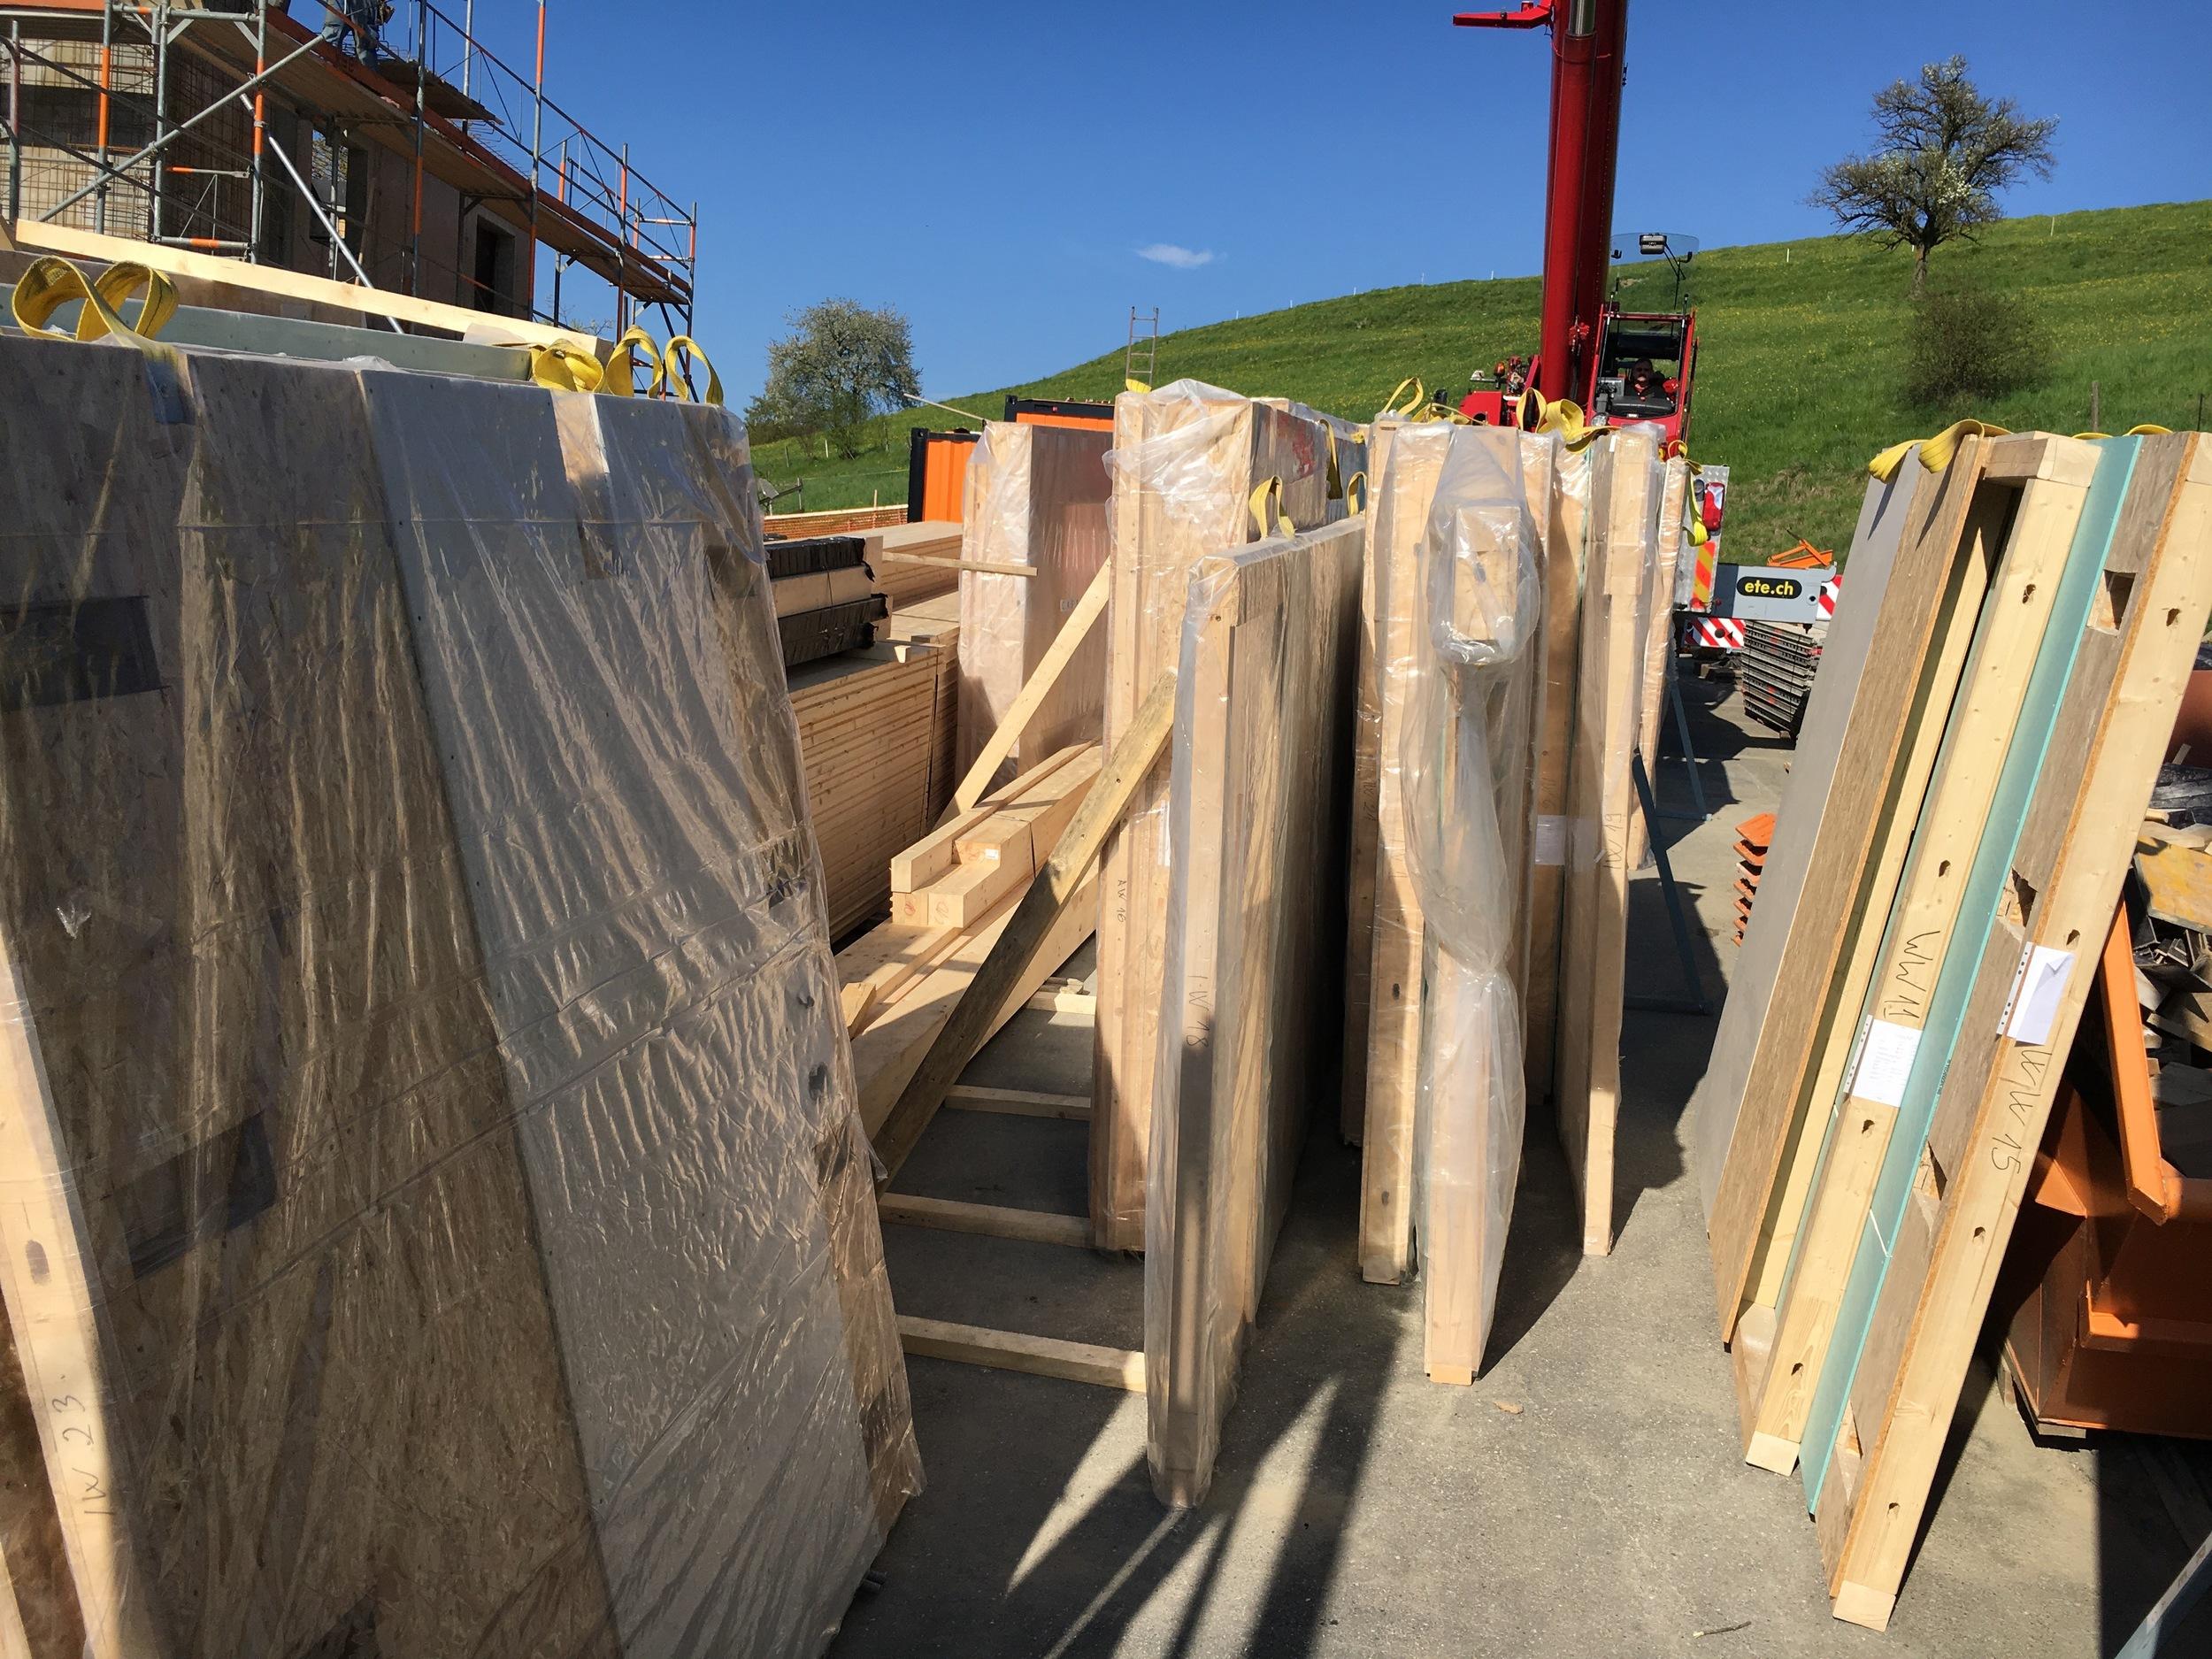 Angelieferte und vorgefertigte Wand- Decken- und Dachelemente.